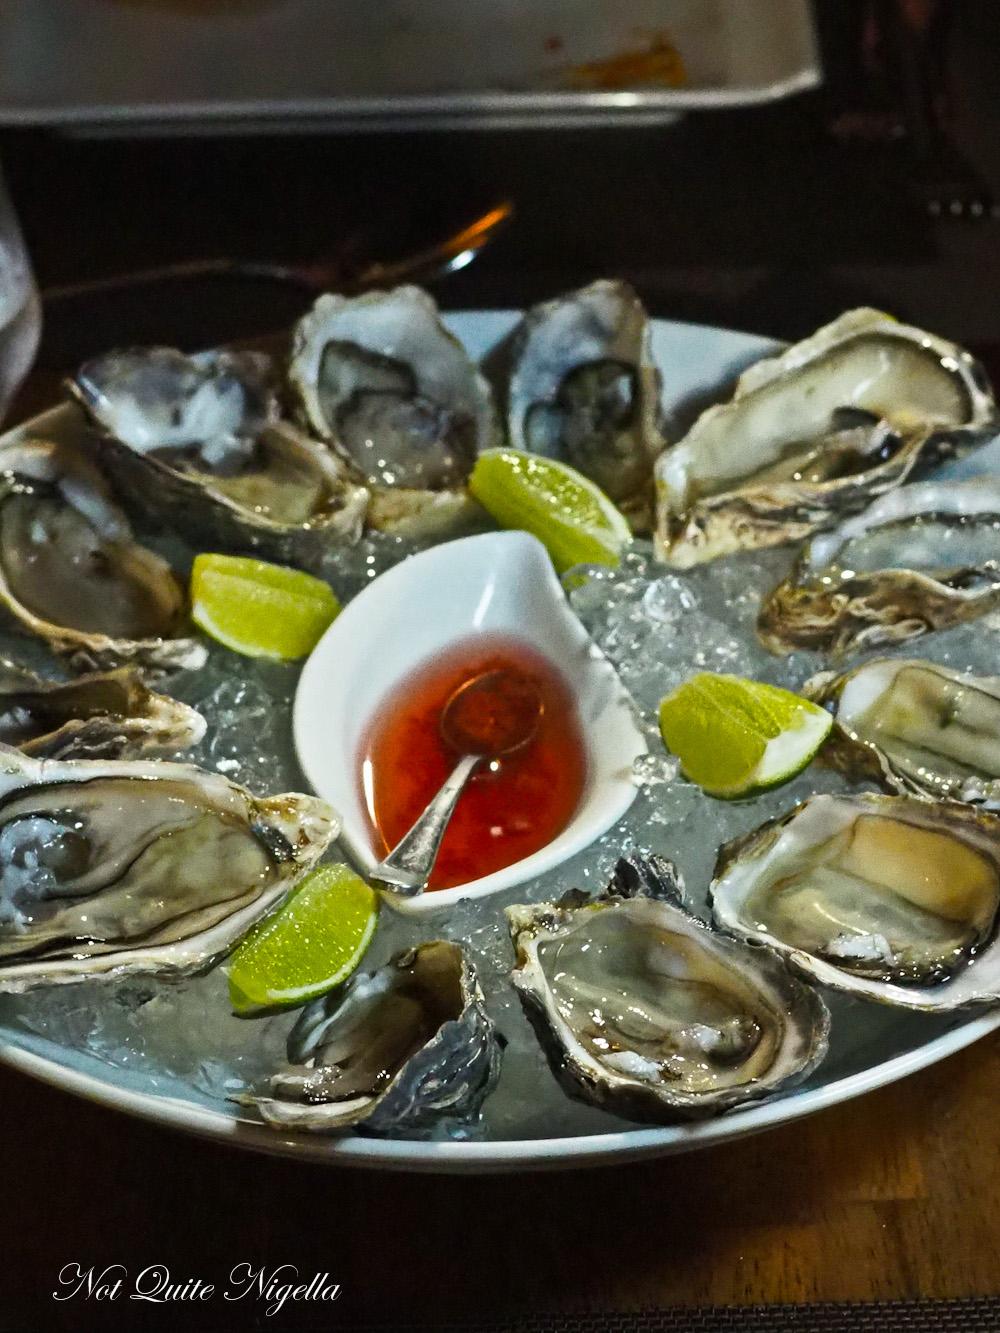 Noumea New Caledonia Restaurants